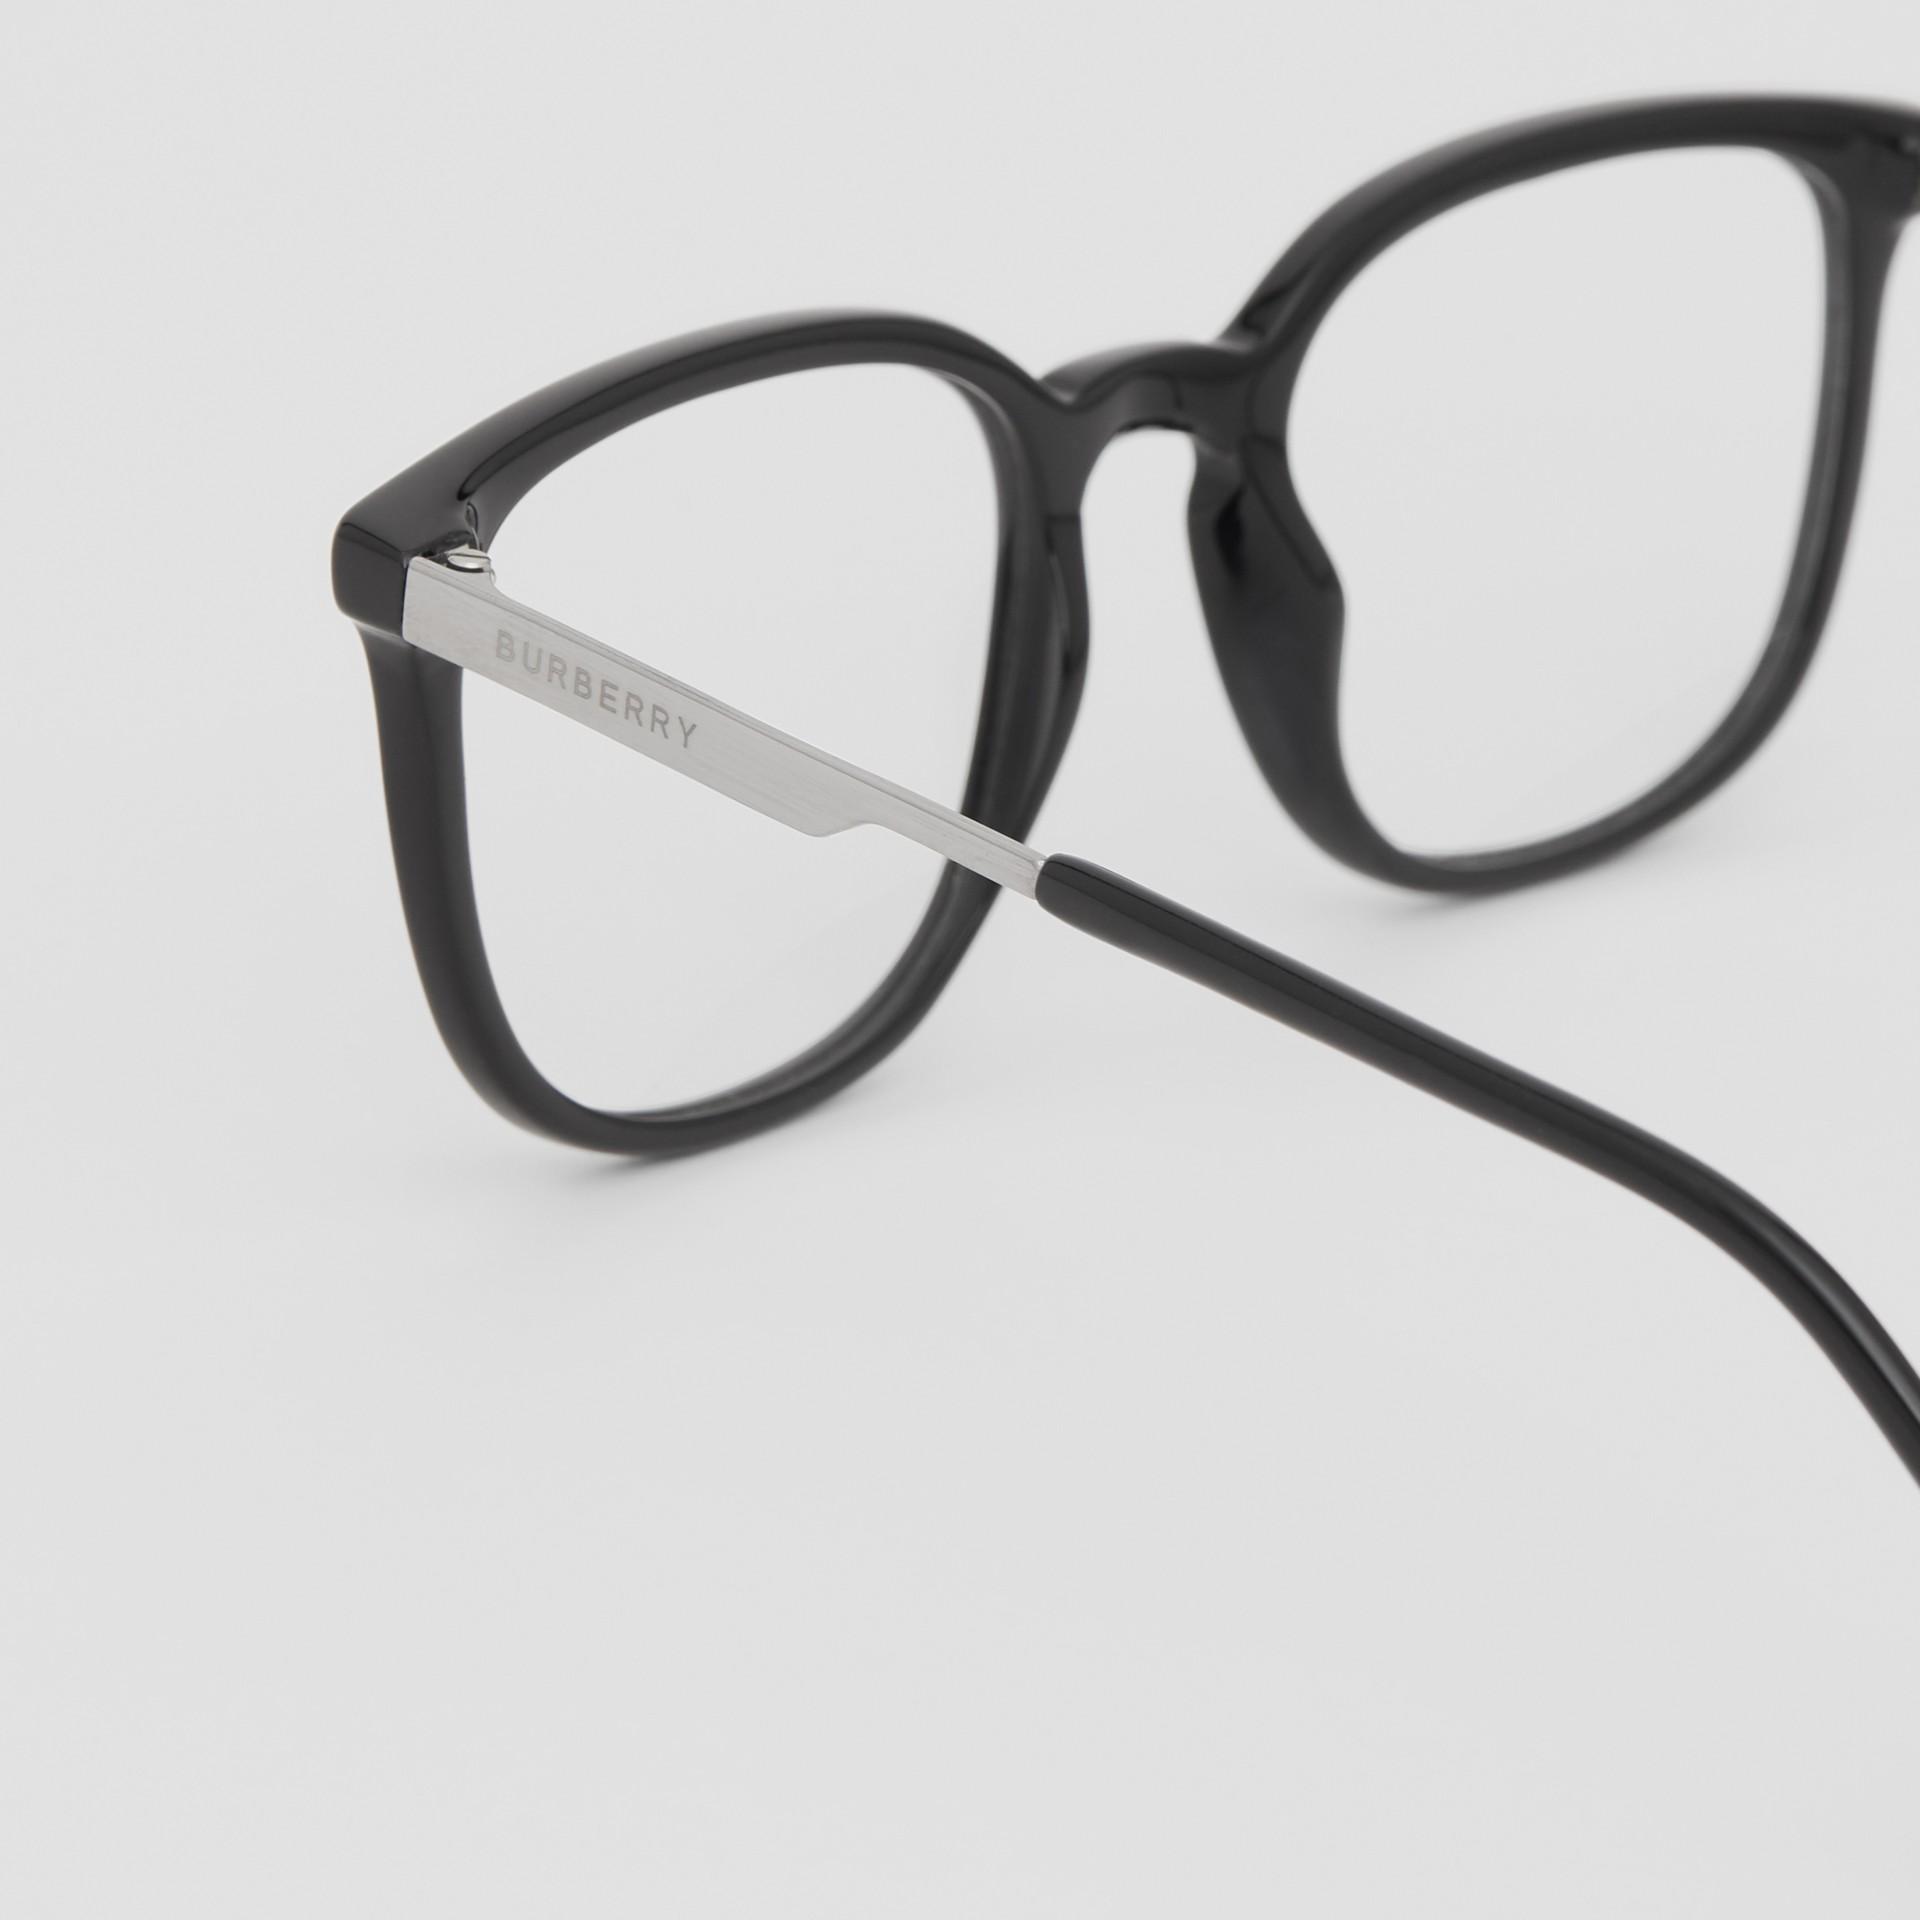 Gafas de ver con montura cuadrada (Negro)   Burberry - imagen de la galería 1